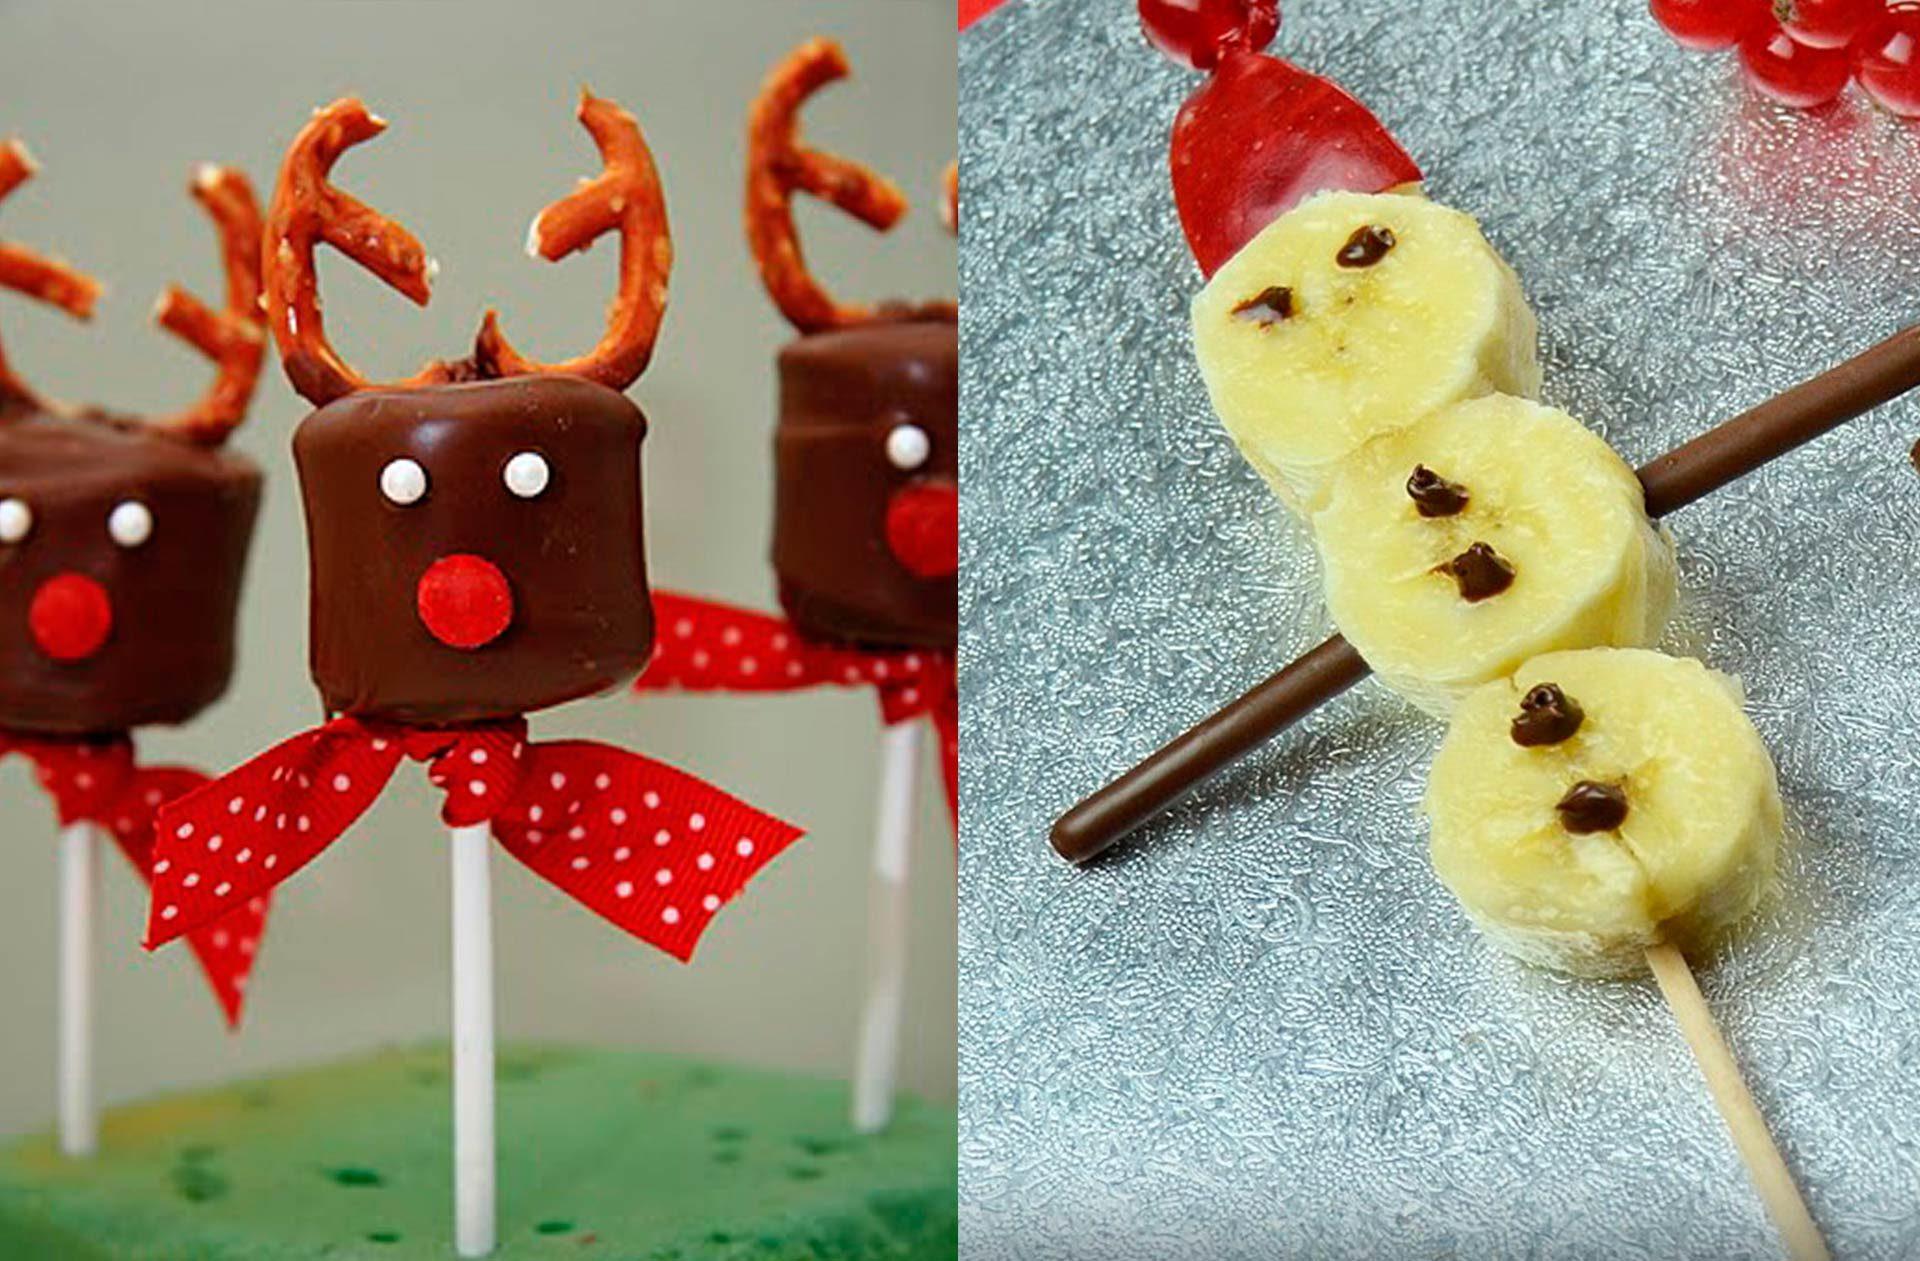 Recetas fáciles y divertidas para hacer con niños en Navidad